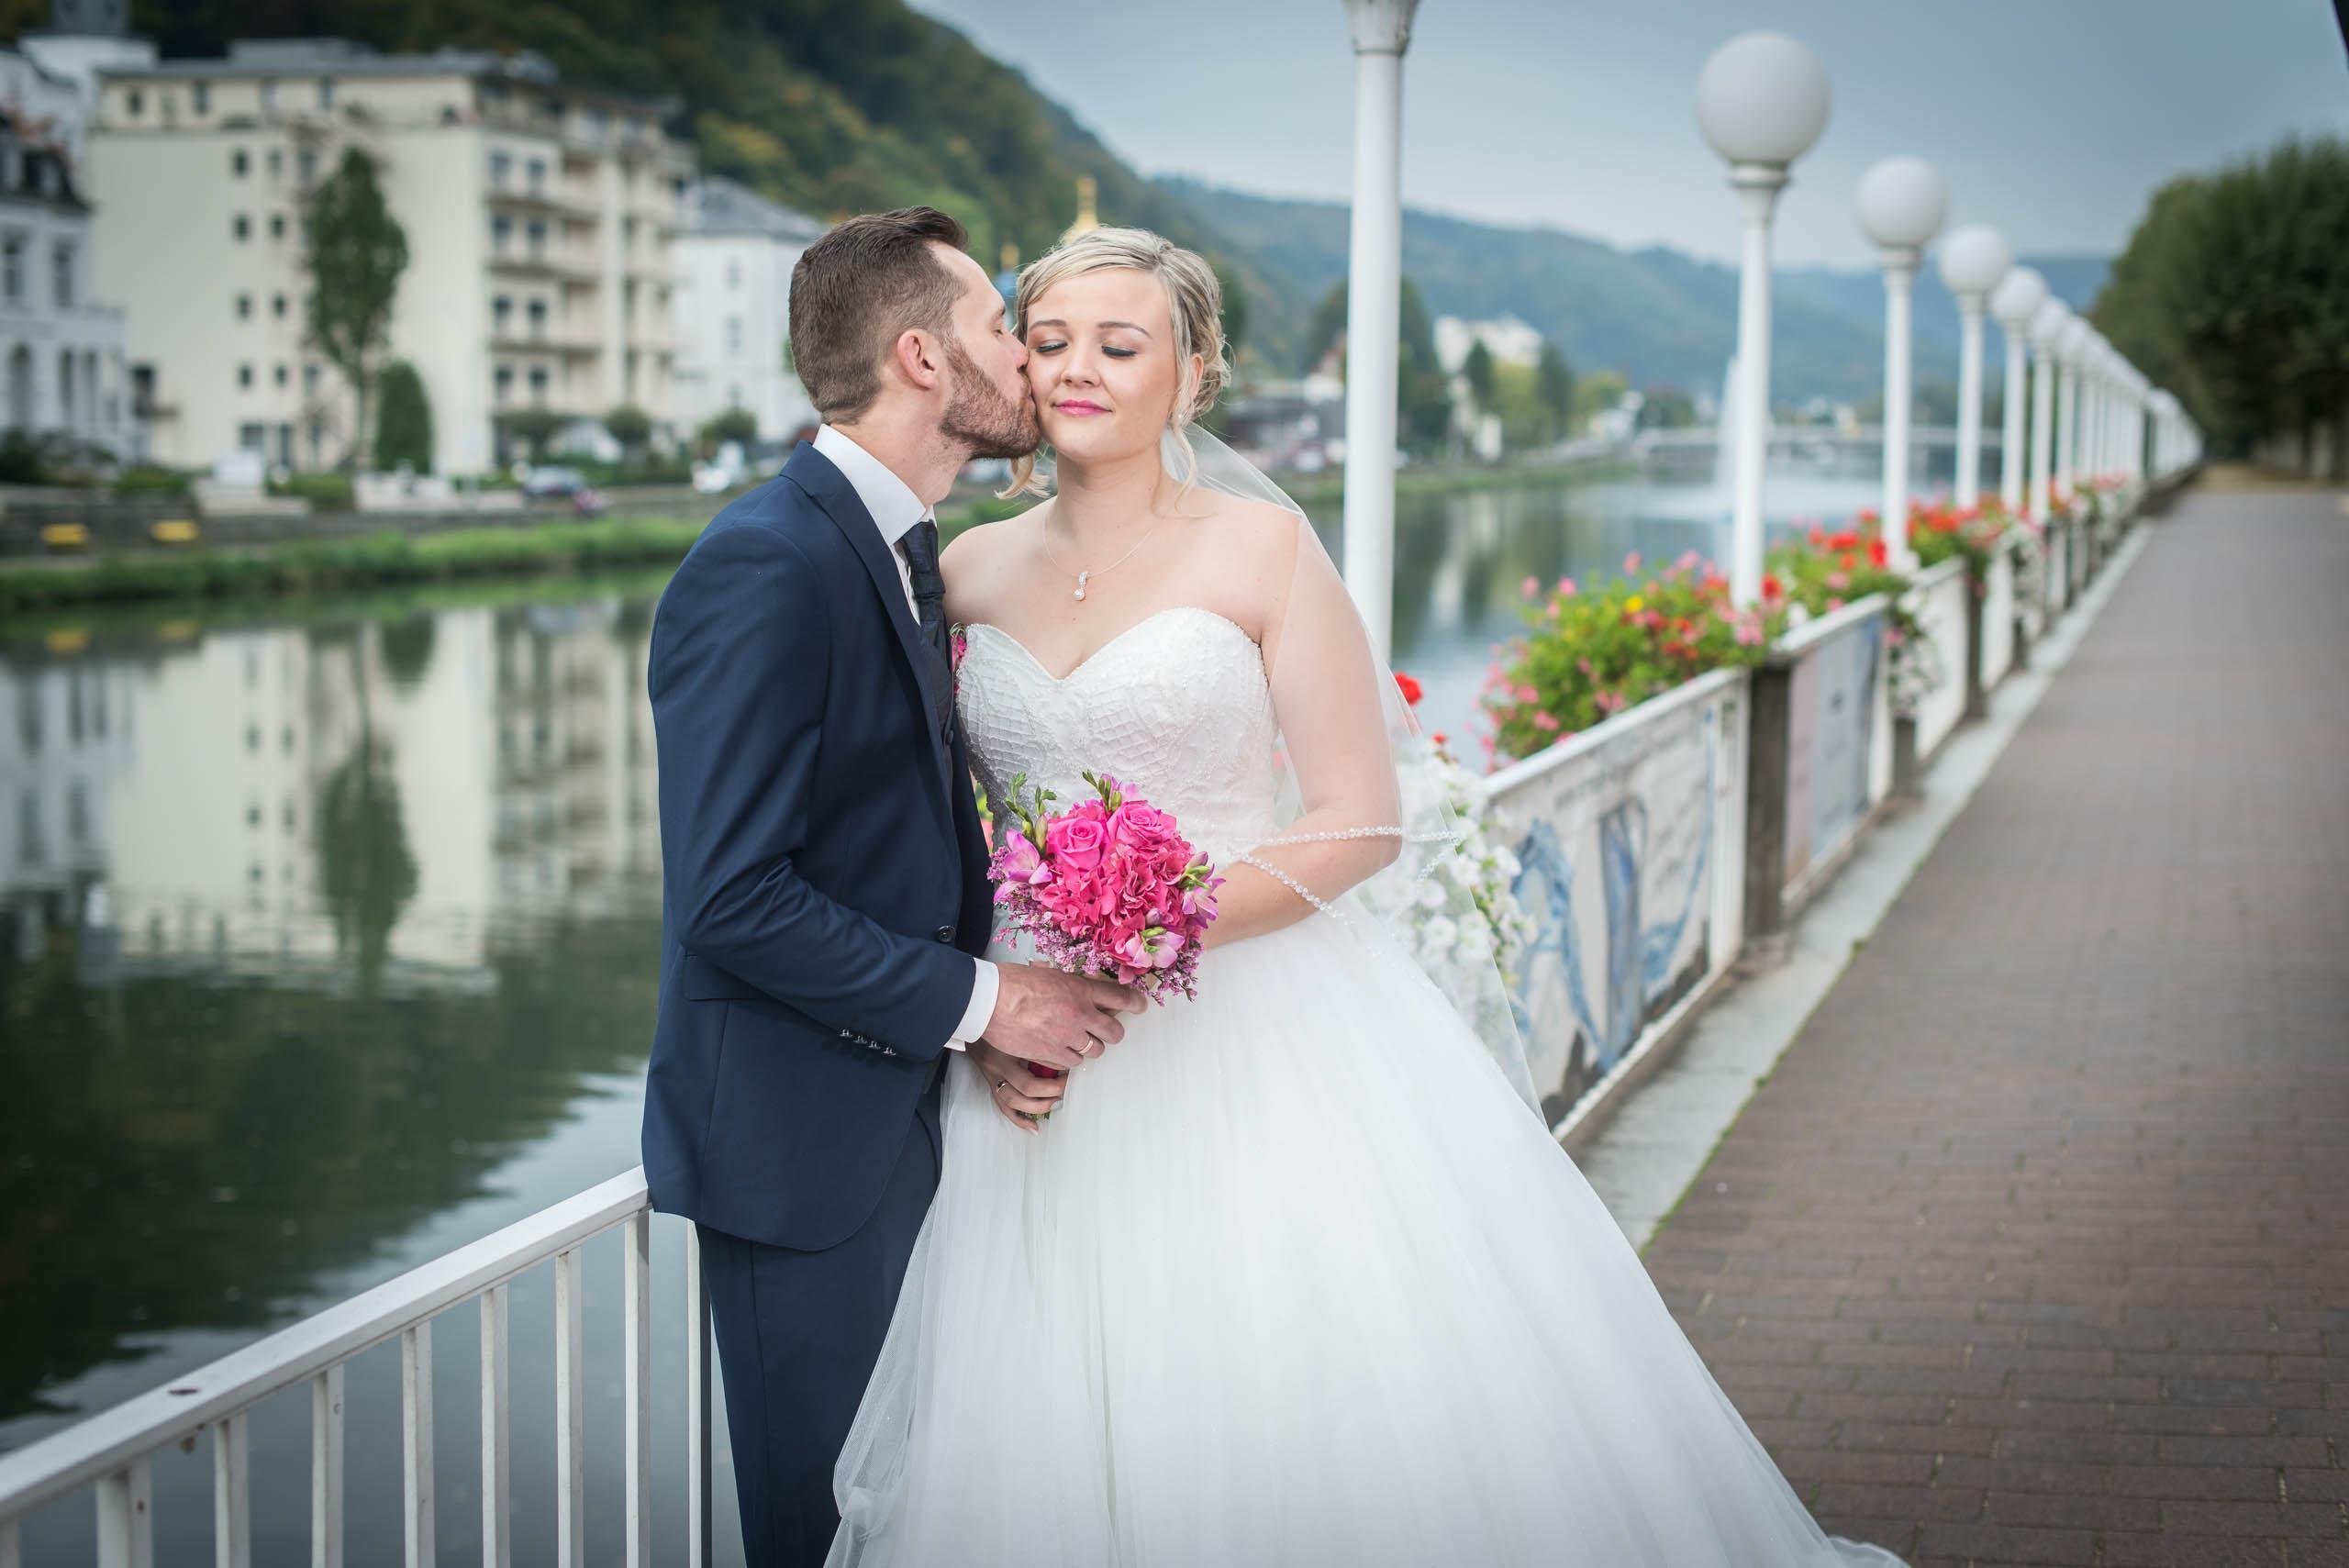 Bräutigam küsst die Braut beim Fotoshooting hochzeitsvideo hochzeit filmen lassn hochzeitsvideo koeln hochzeitsvideo